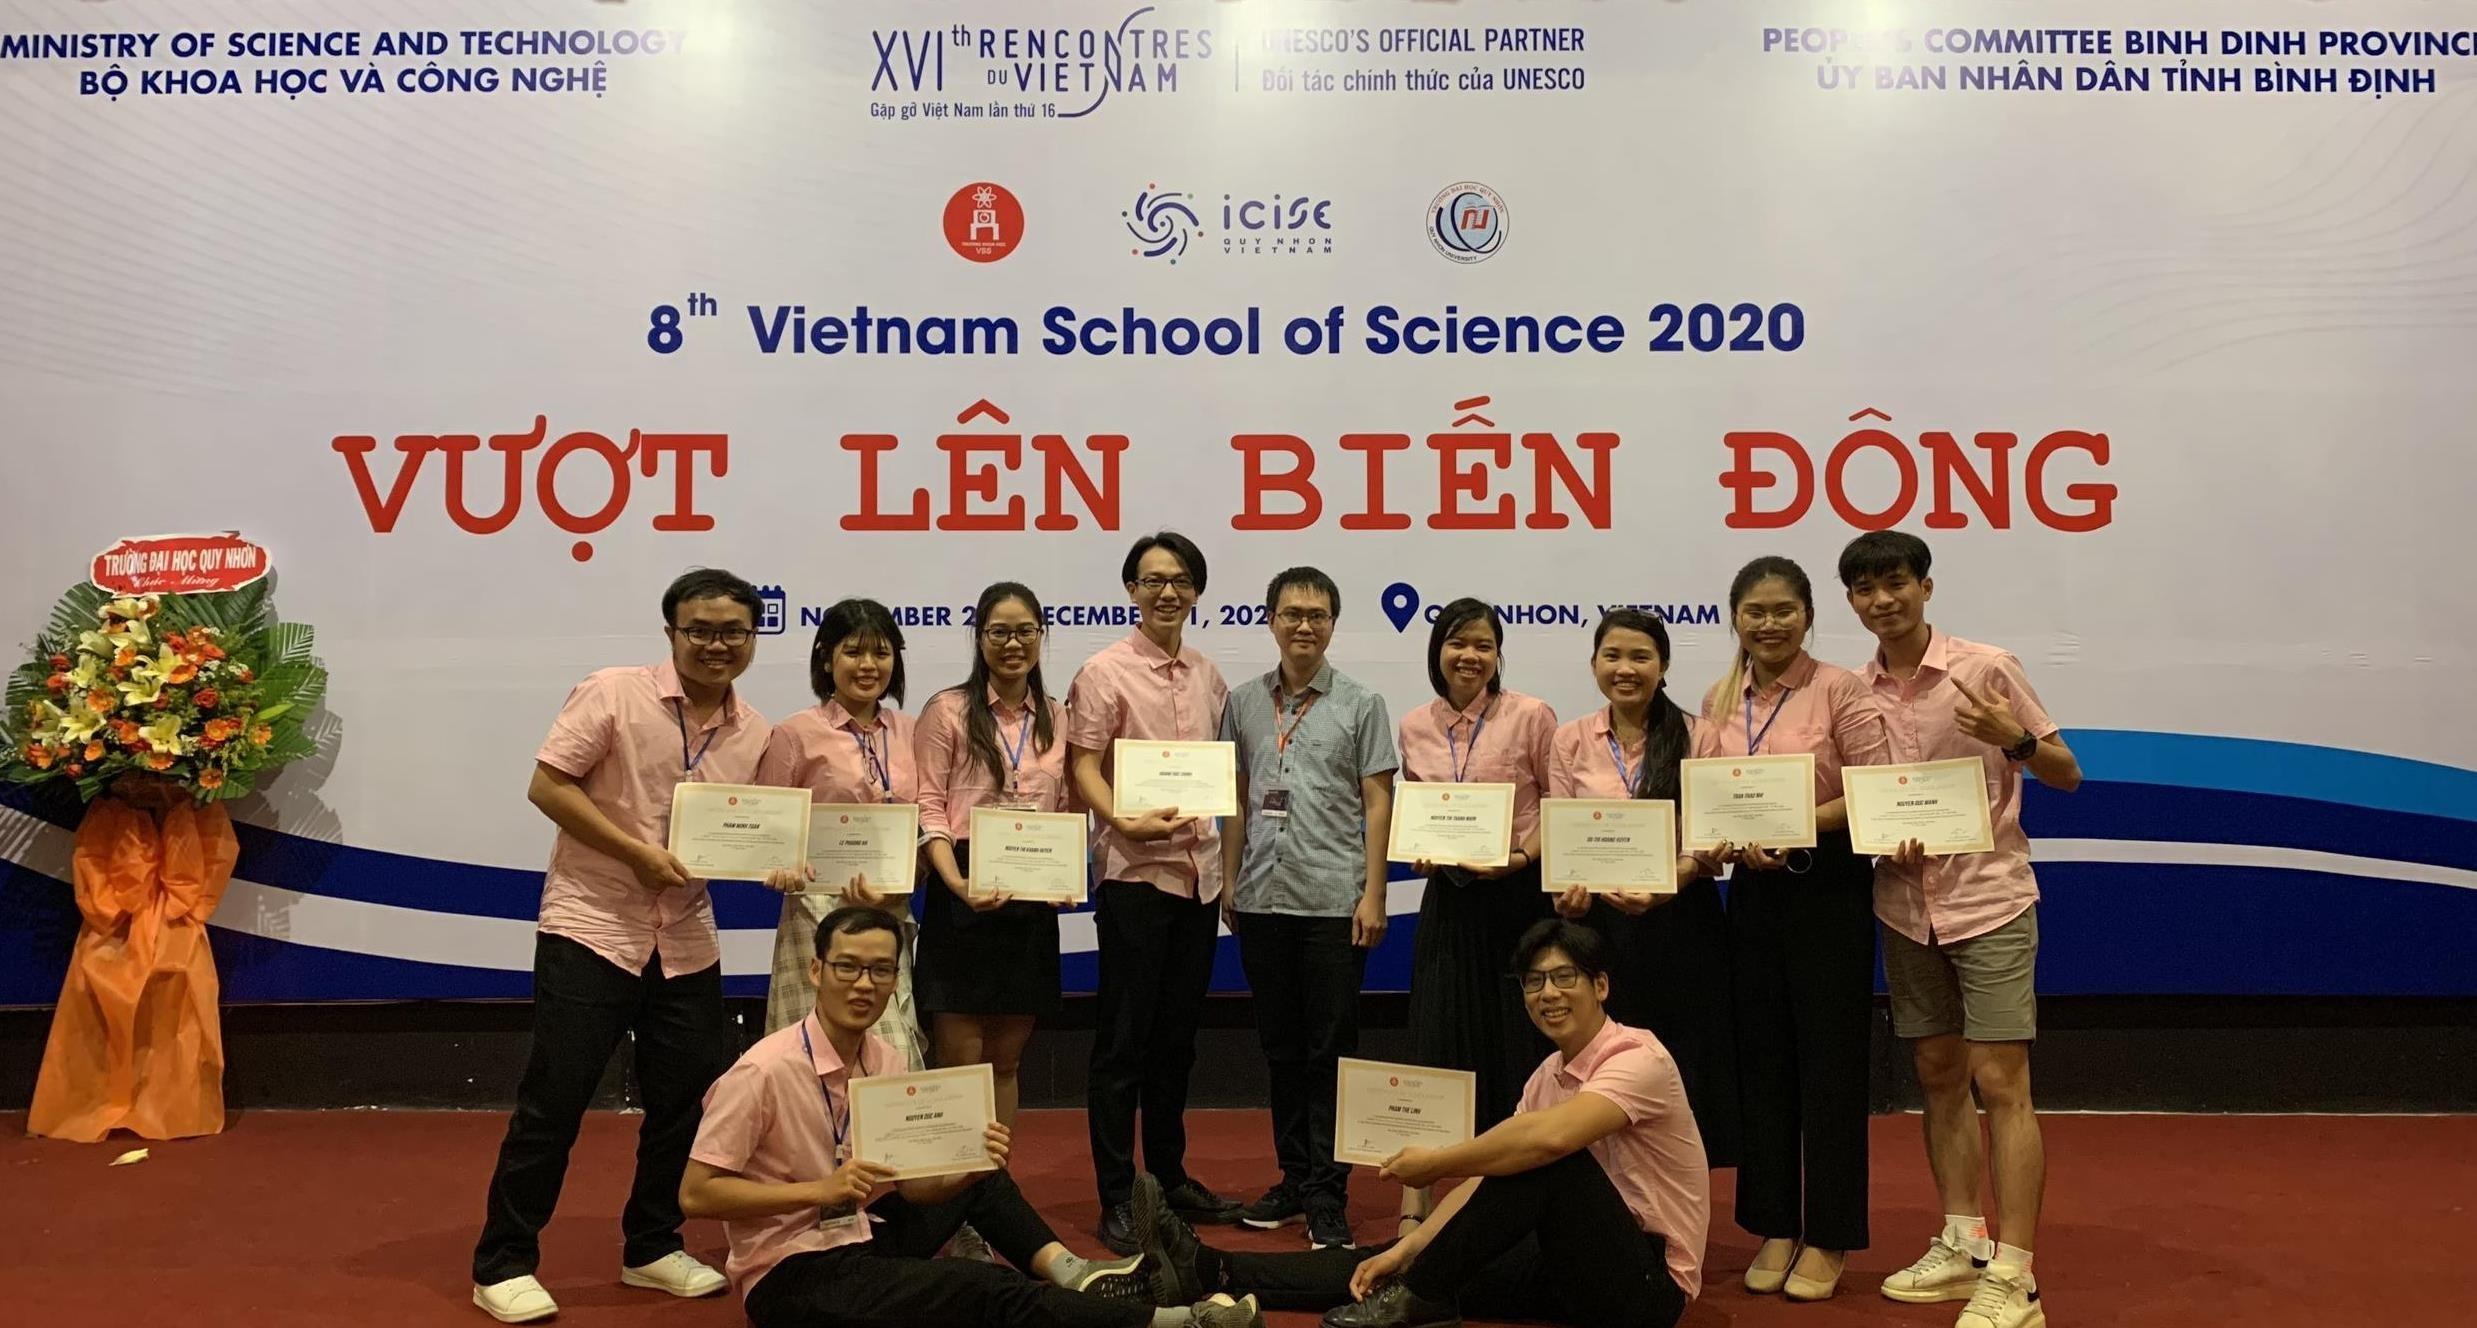 Cô gái Bắc Giang giành 3 học bổng thạc sĩ ở châu Âu